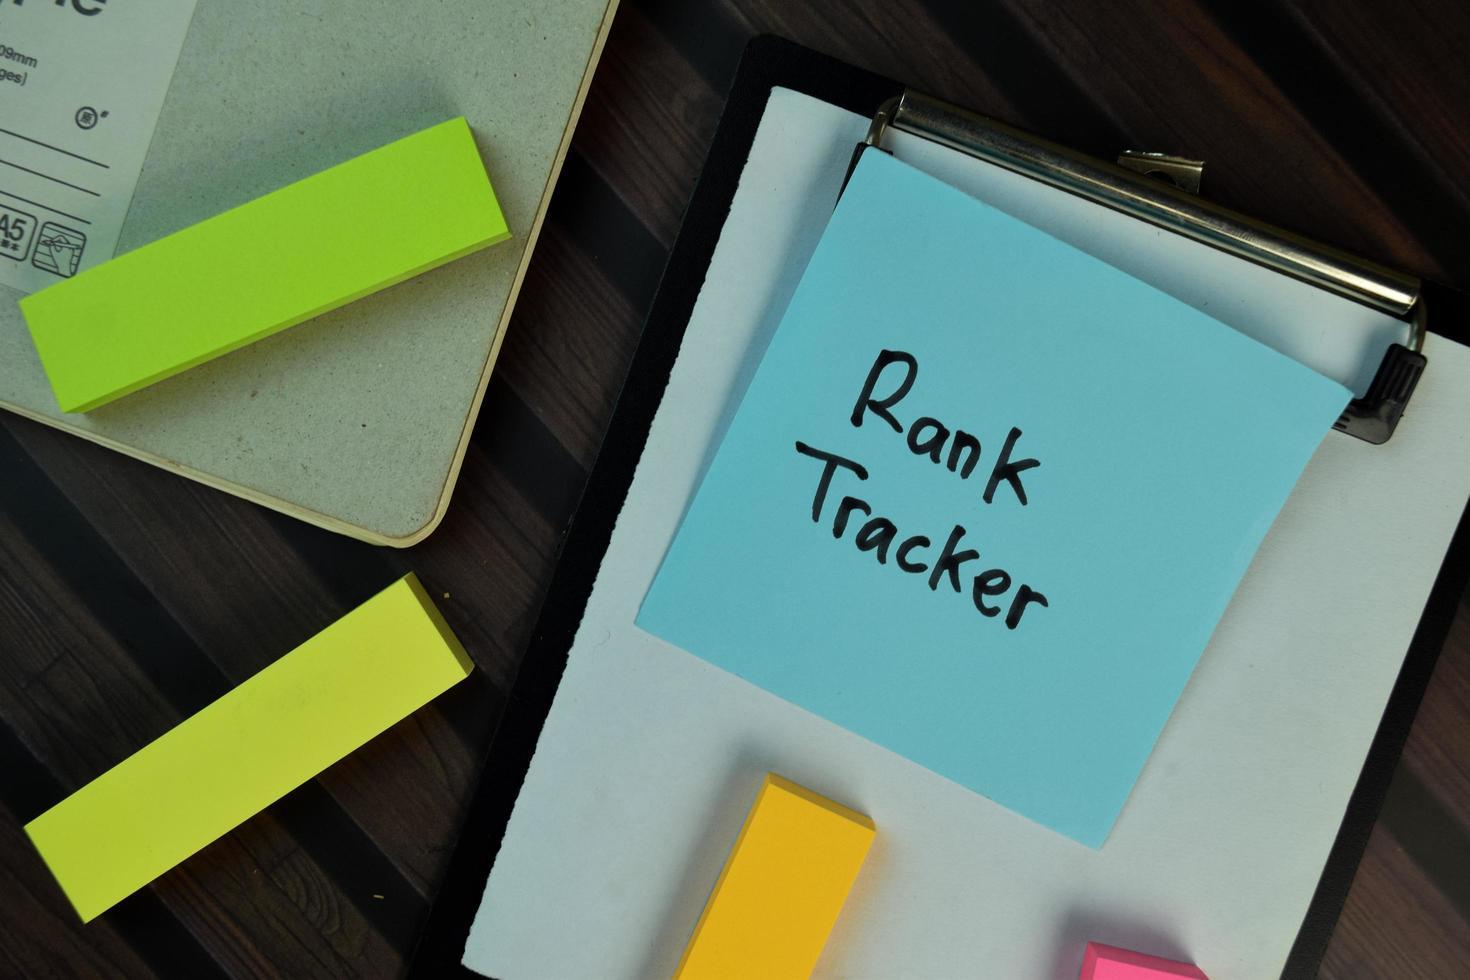 rang tracker geschreven op notitie geïsoleerd op houten tafel foto